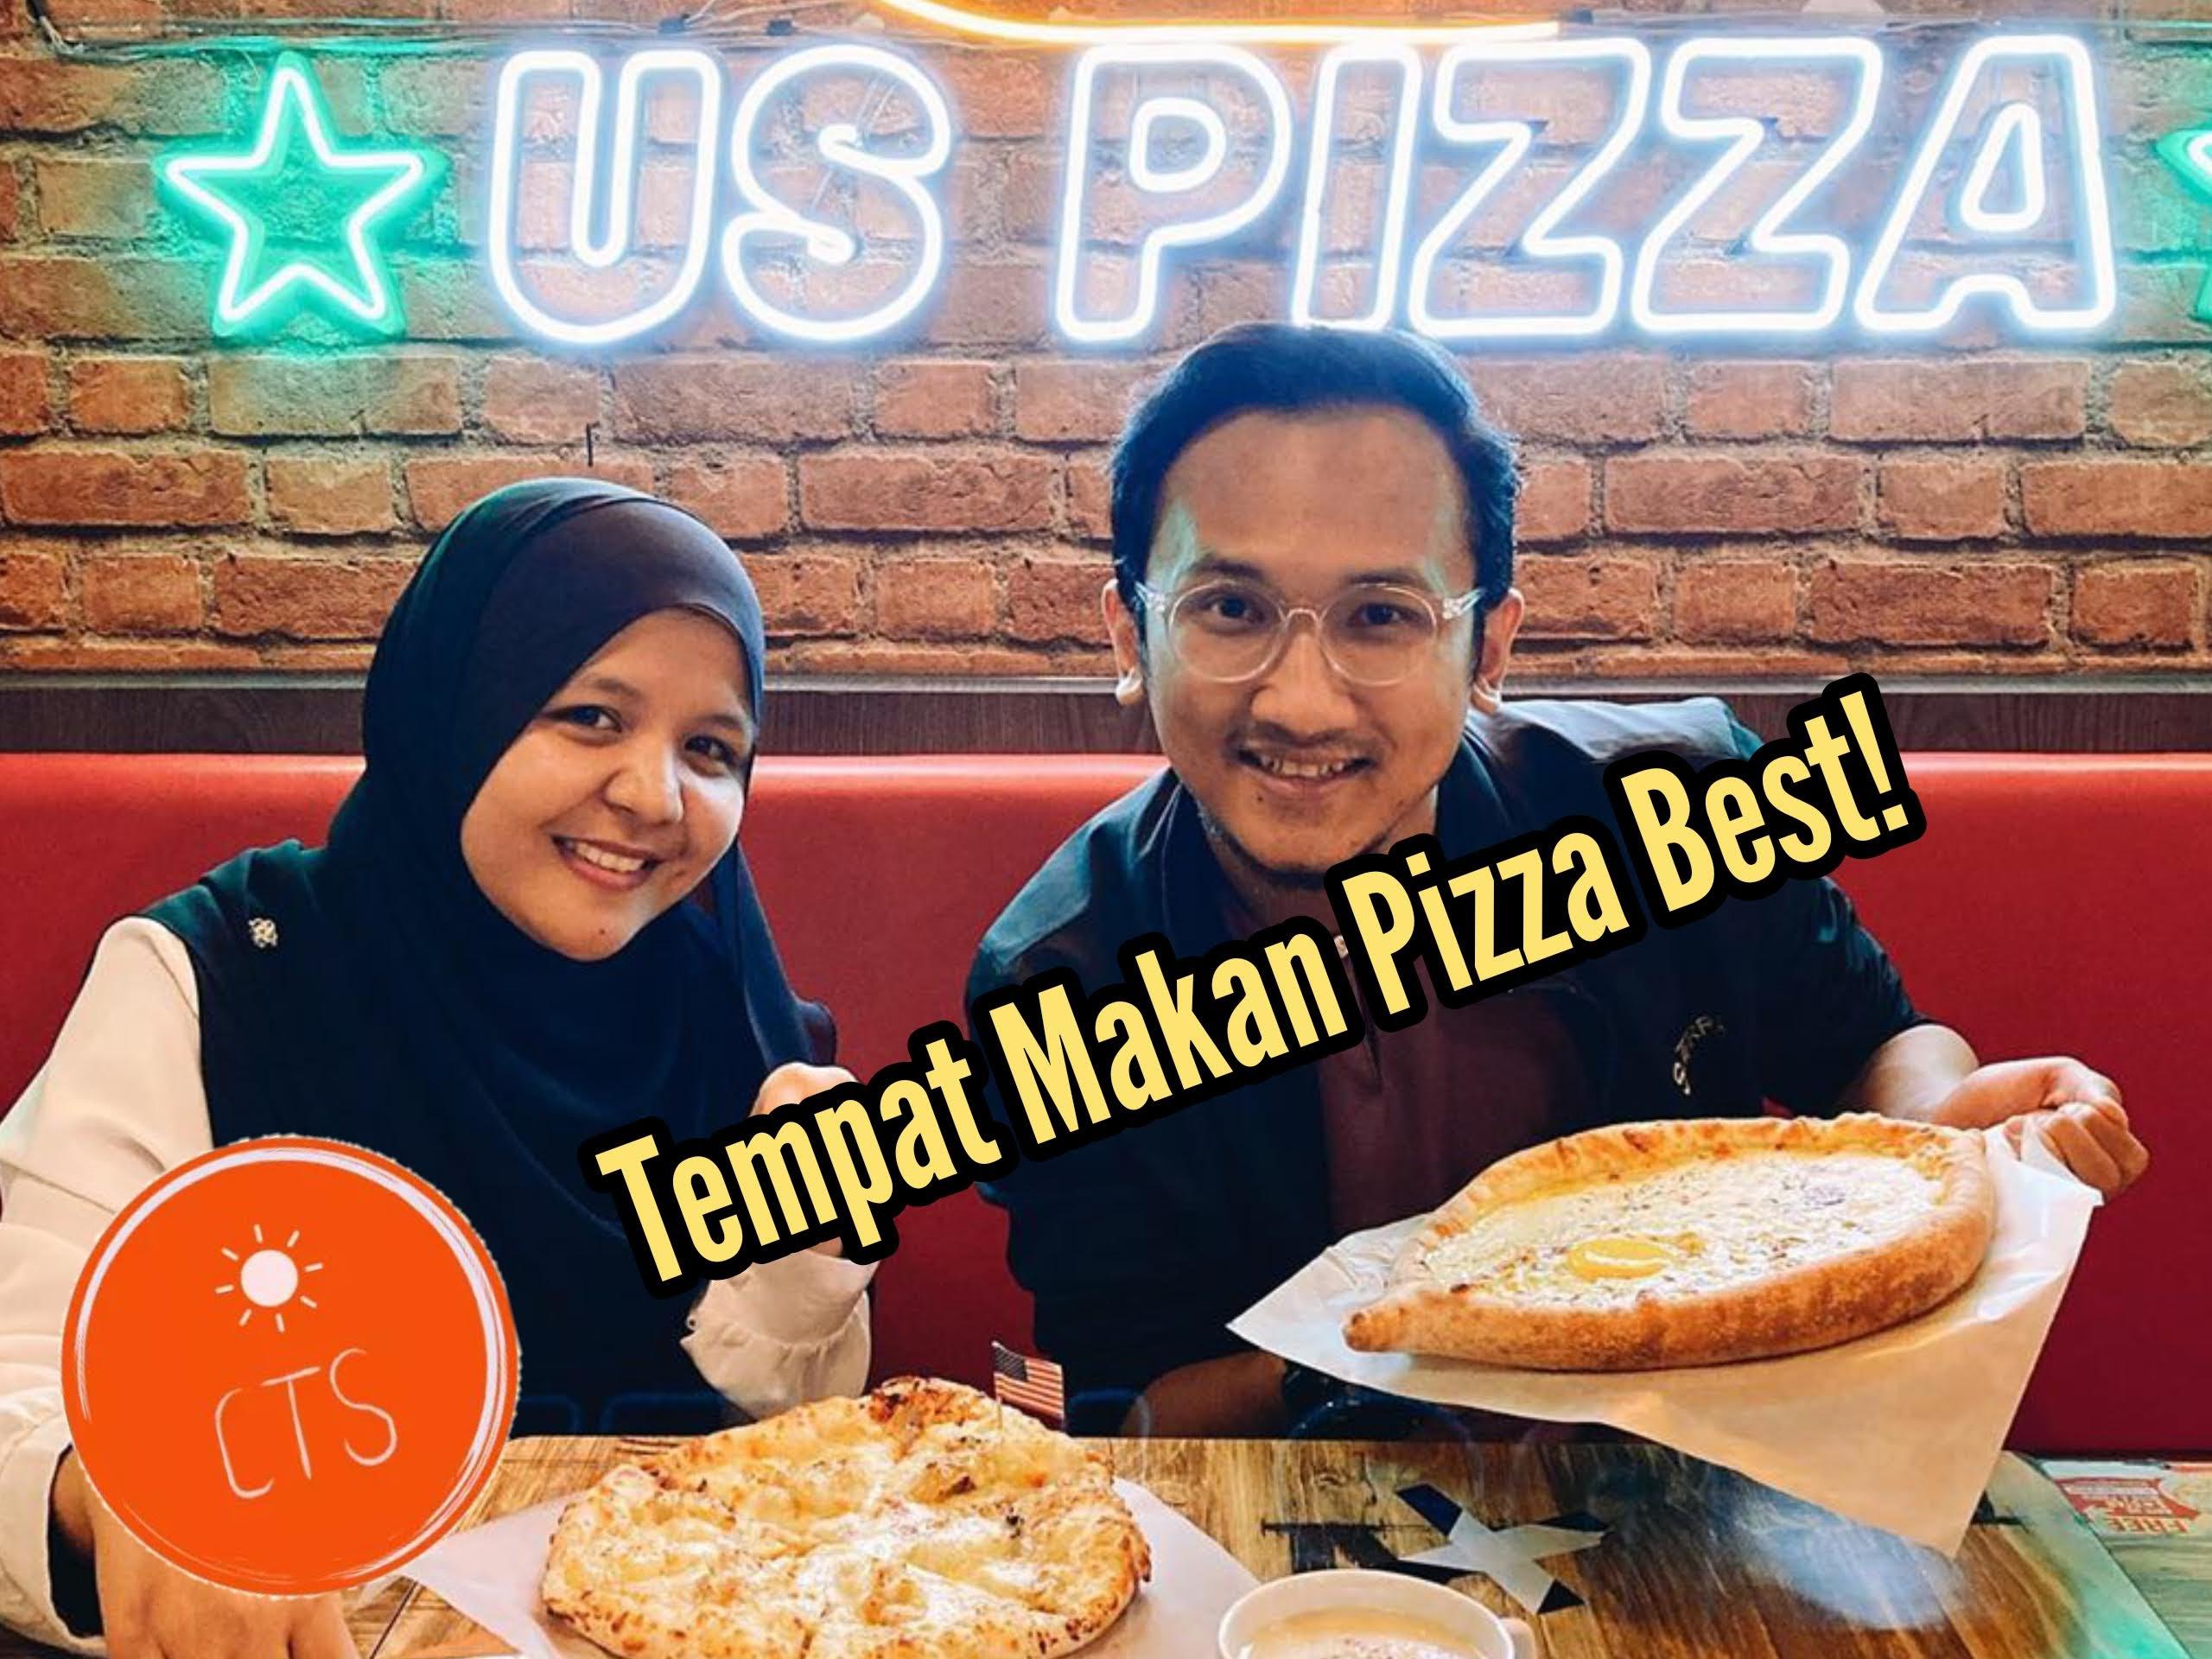 Tempat Makan Best Di Kulim | Mari Cuba Pizza Durian di US Pizza!